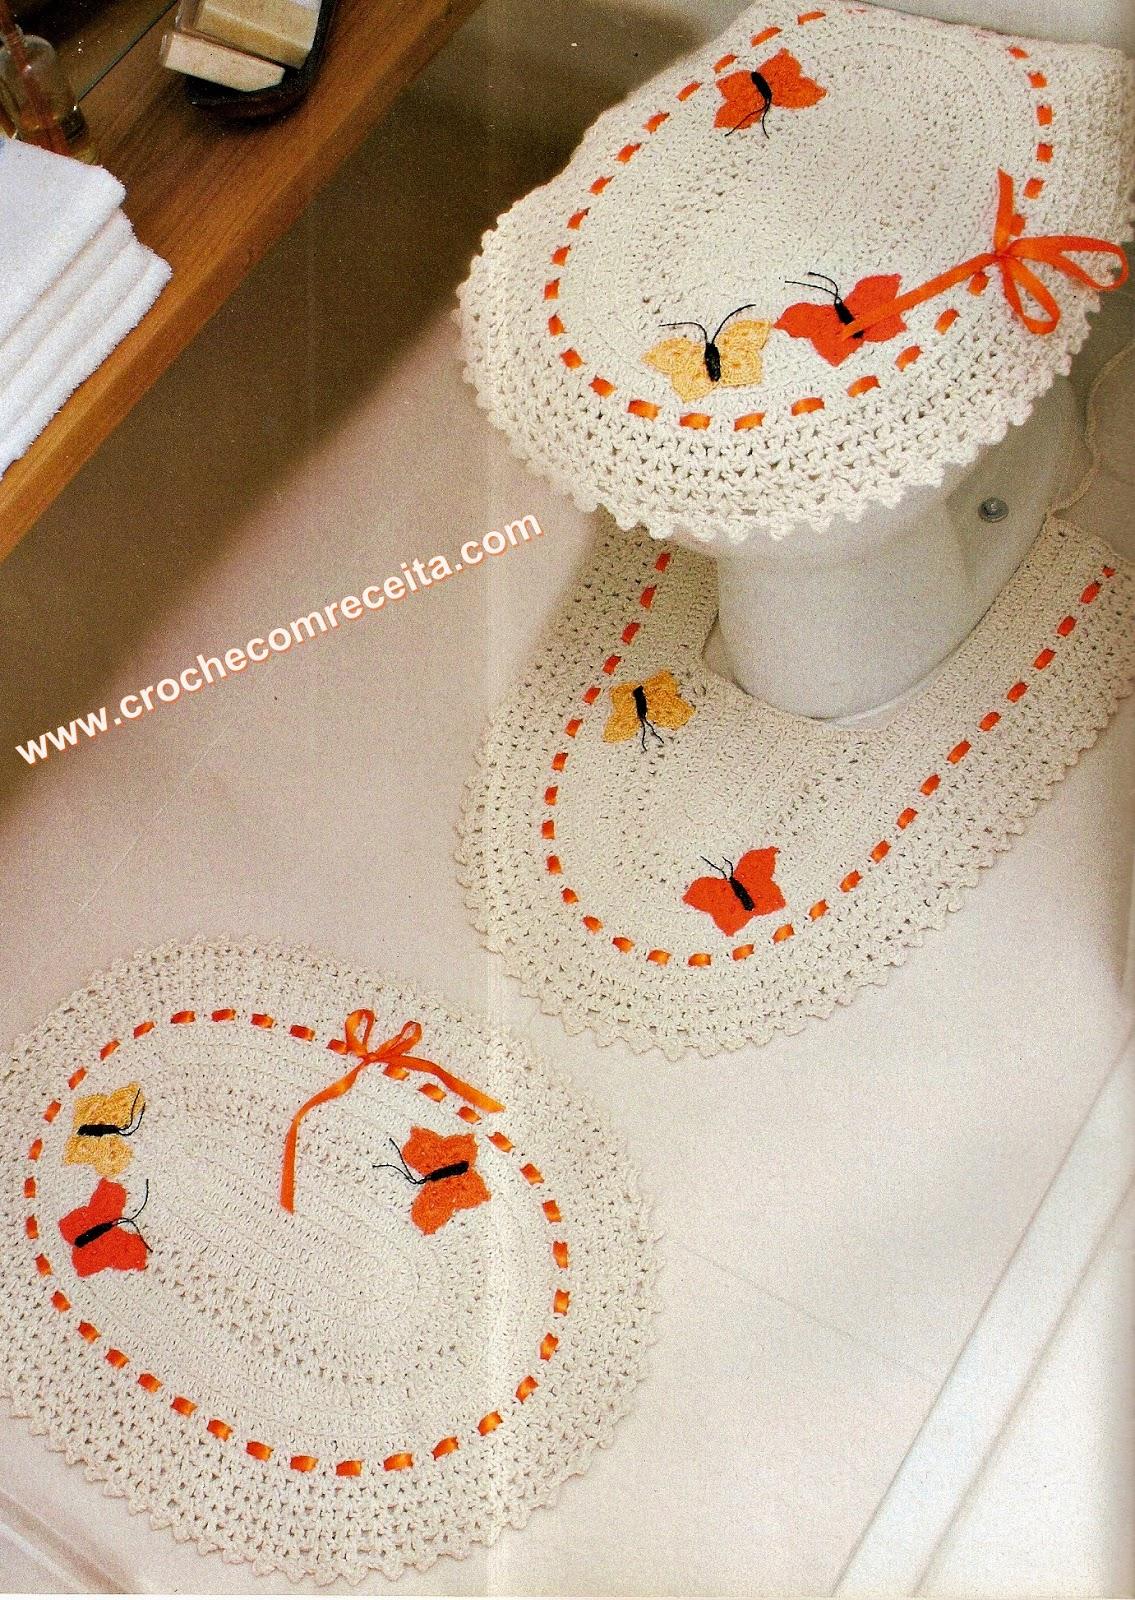 Croche com receita tapetes com borboletas em croch para for Clases de tapetes